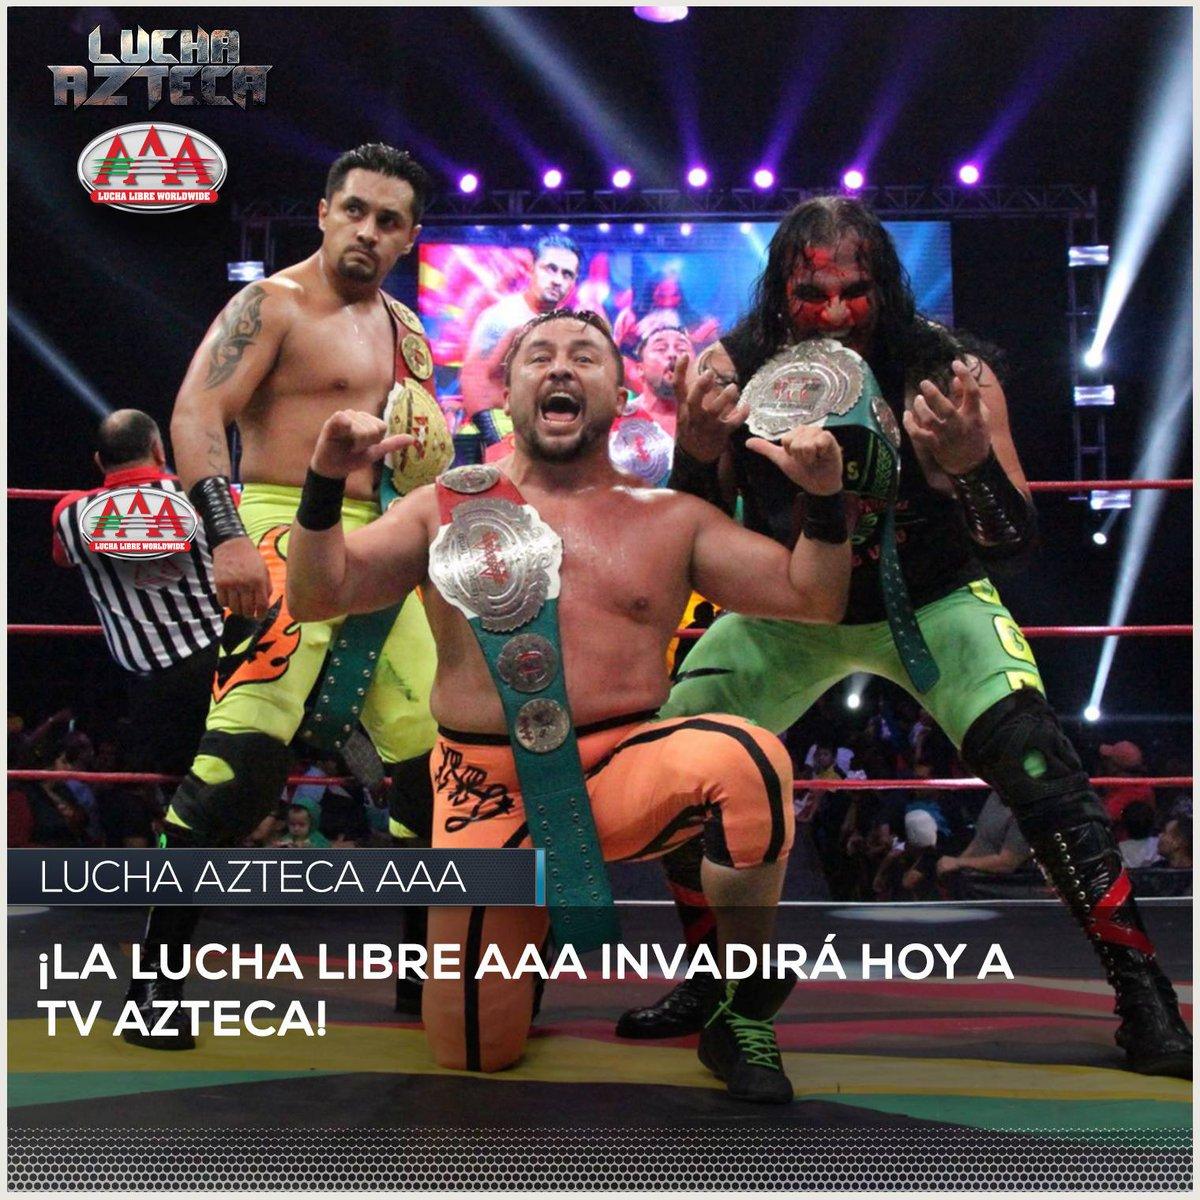 AAA Worldwide y TV Azteca oficializan su alianza 1